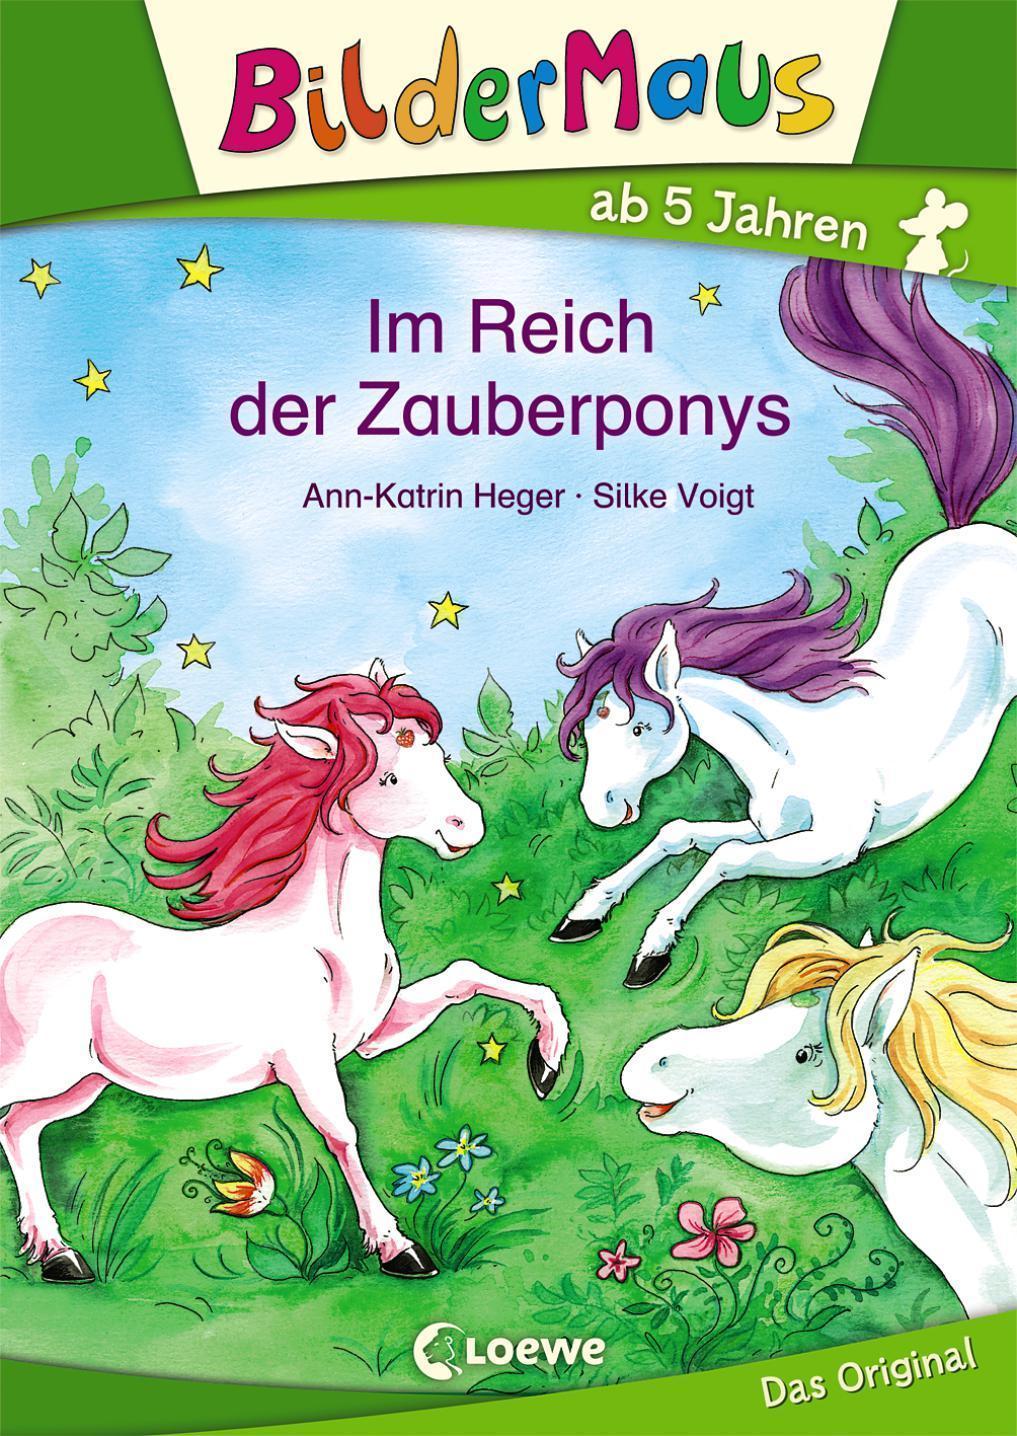 Ann-Katrin Heger ~ Bildermaus - Im Reich der Zauberponys 9783785577721